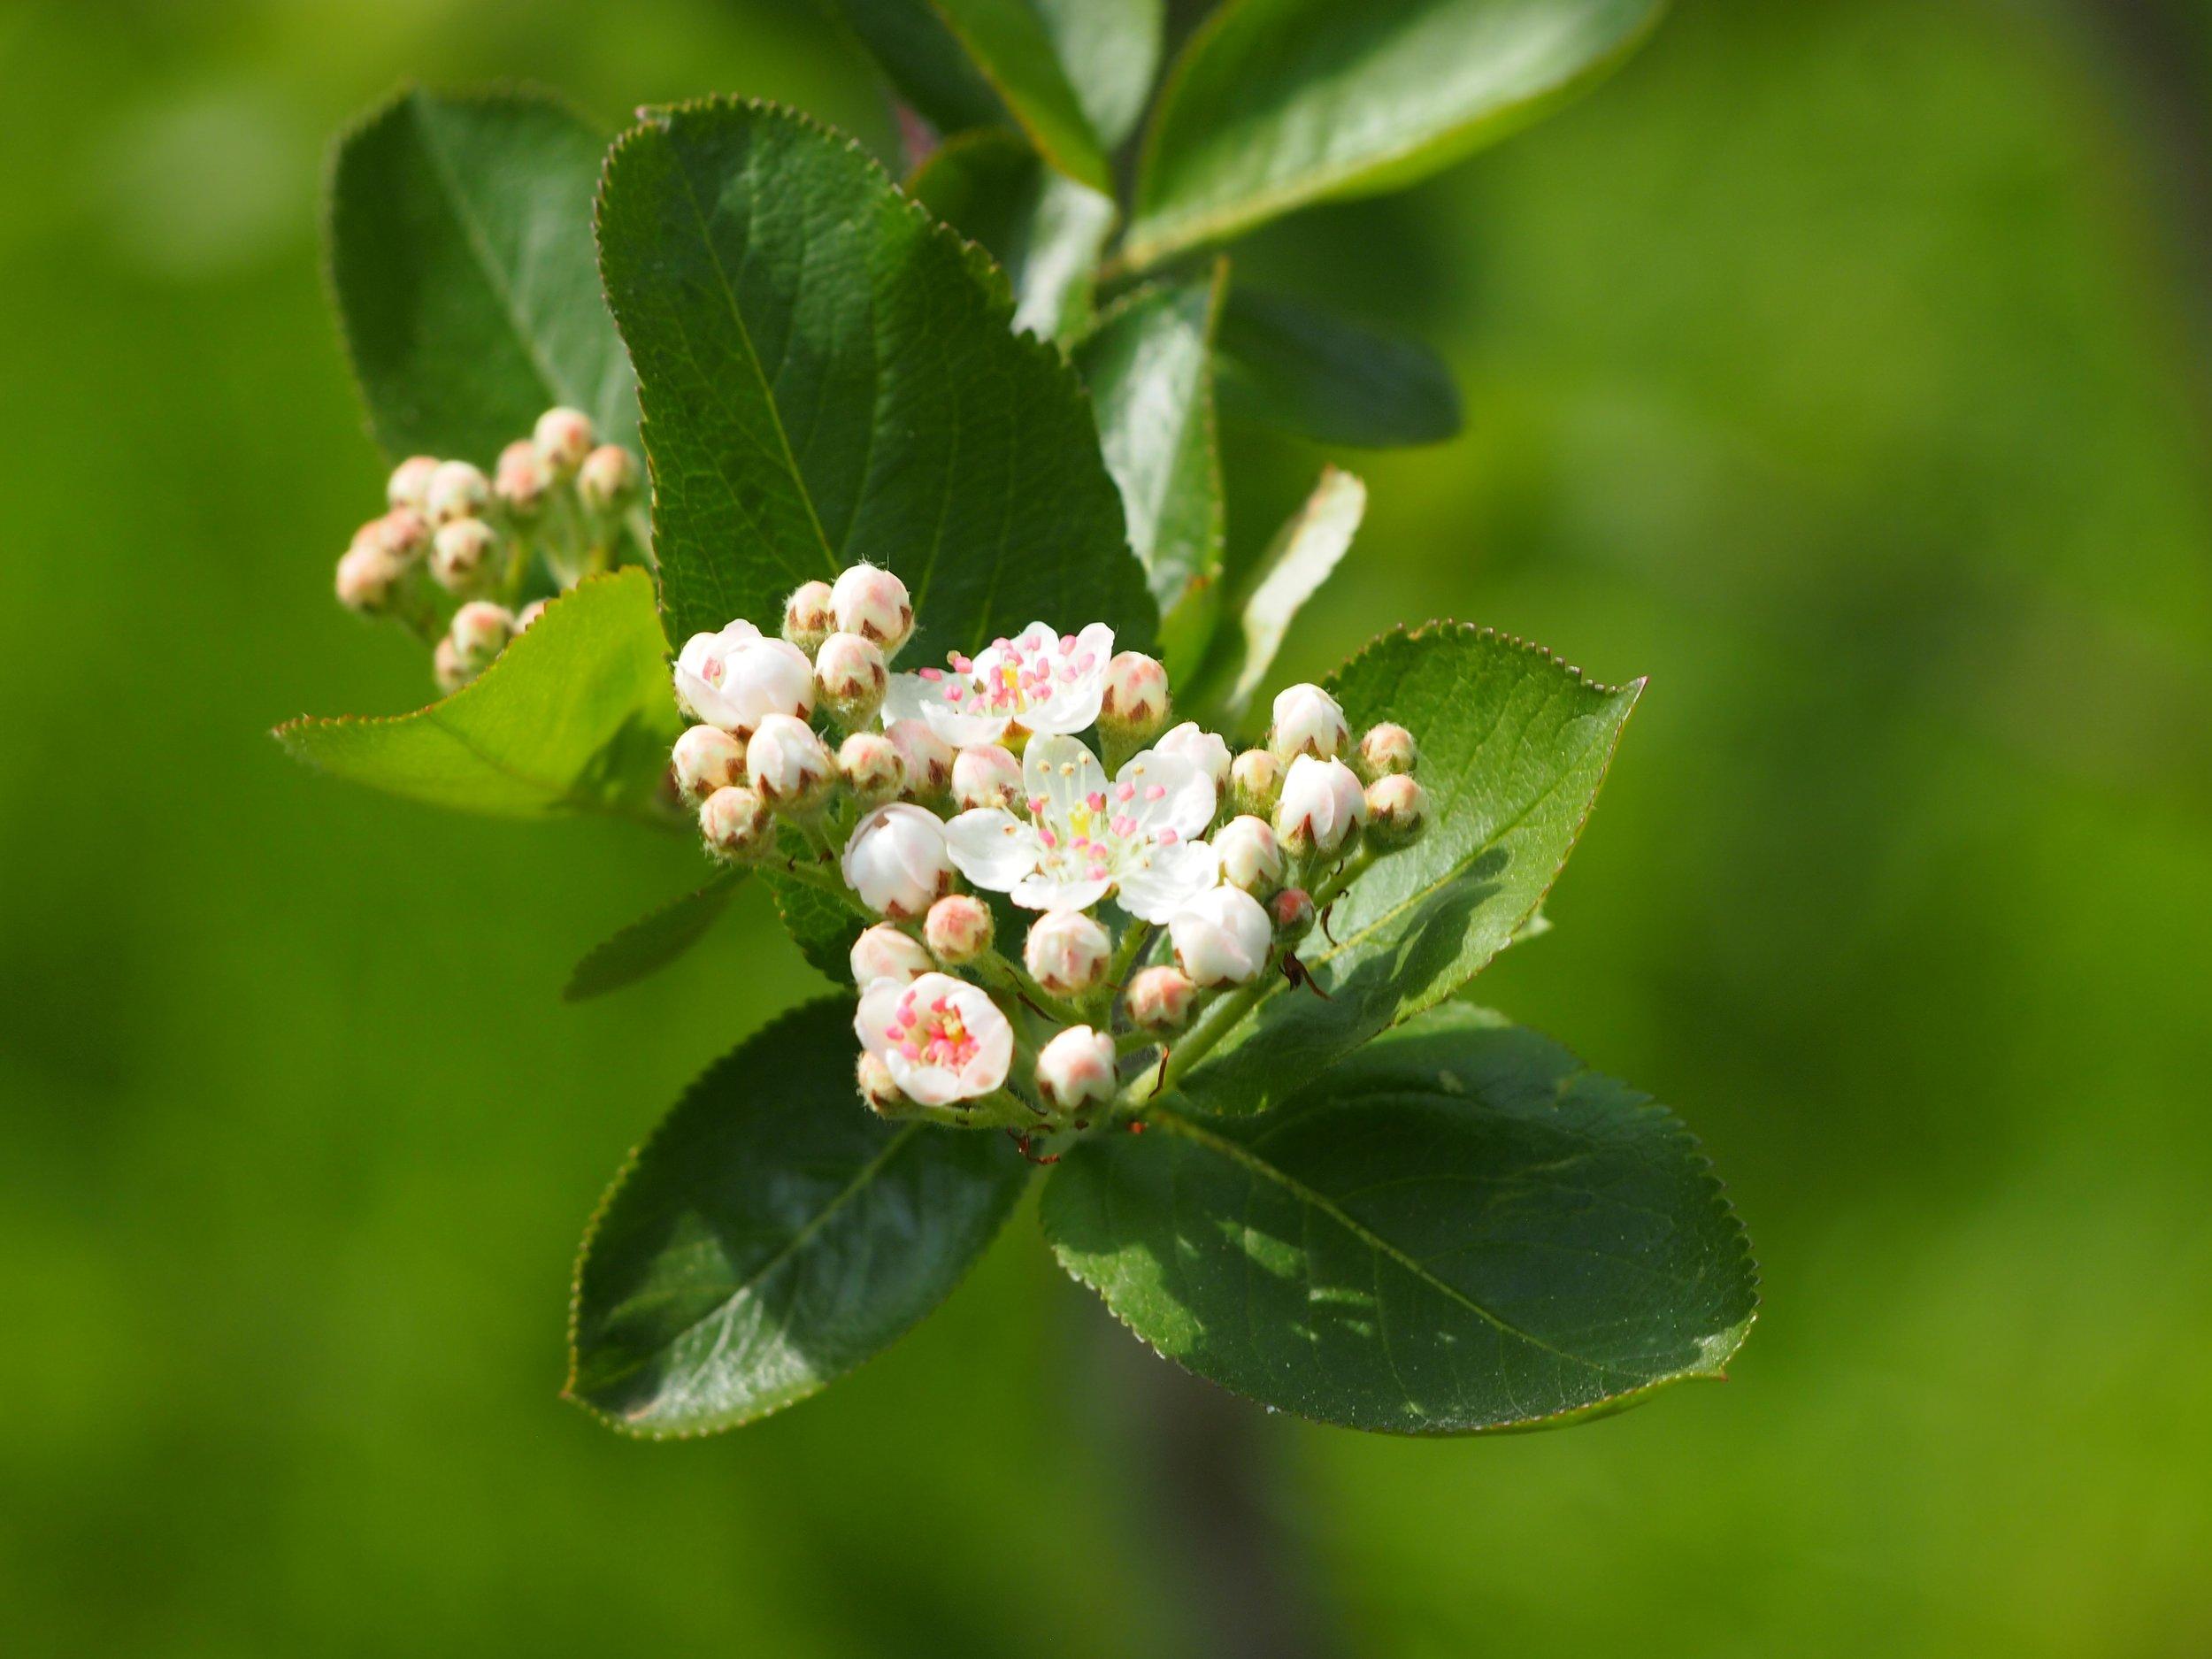 chokeberry-blossom-1478147.jpg